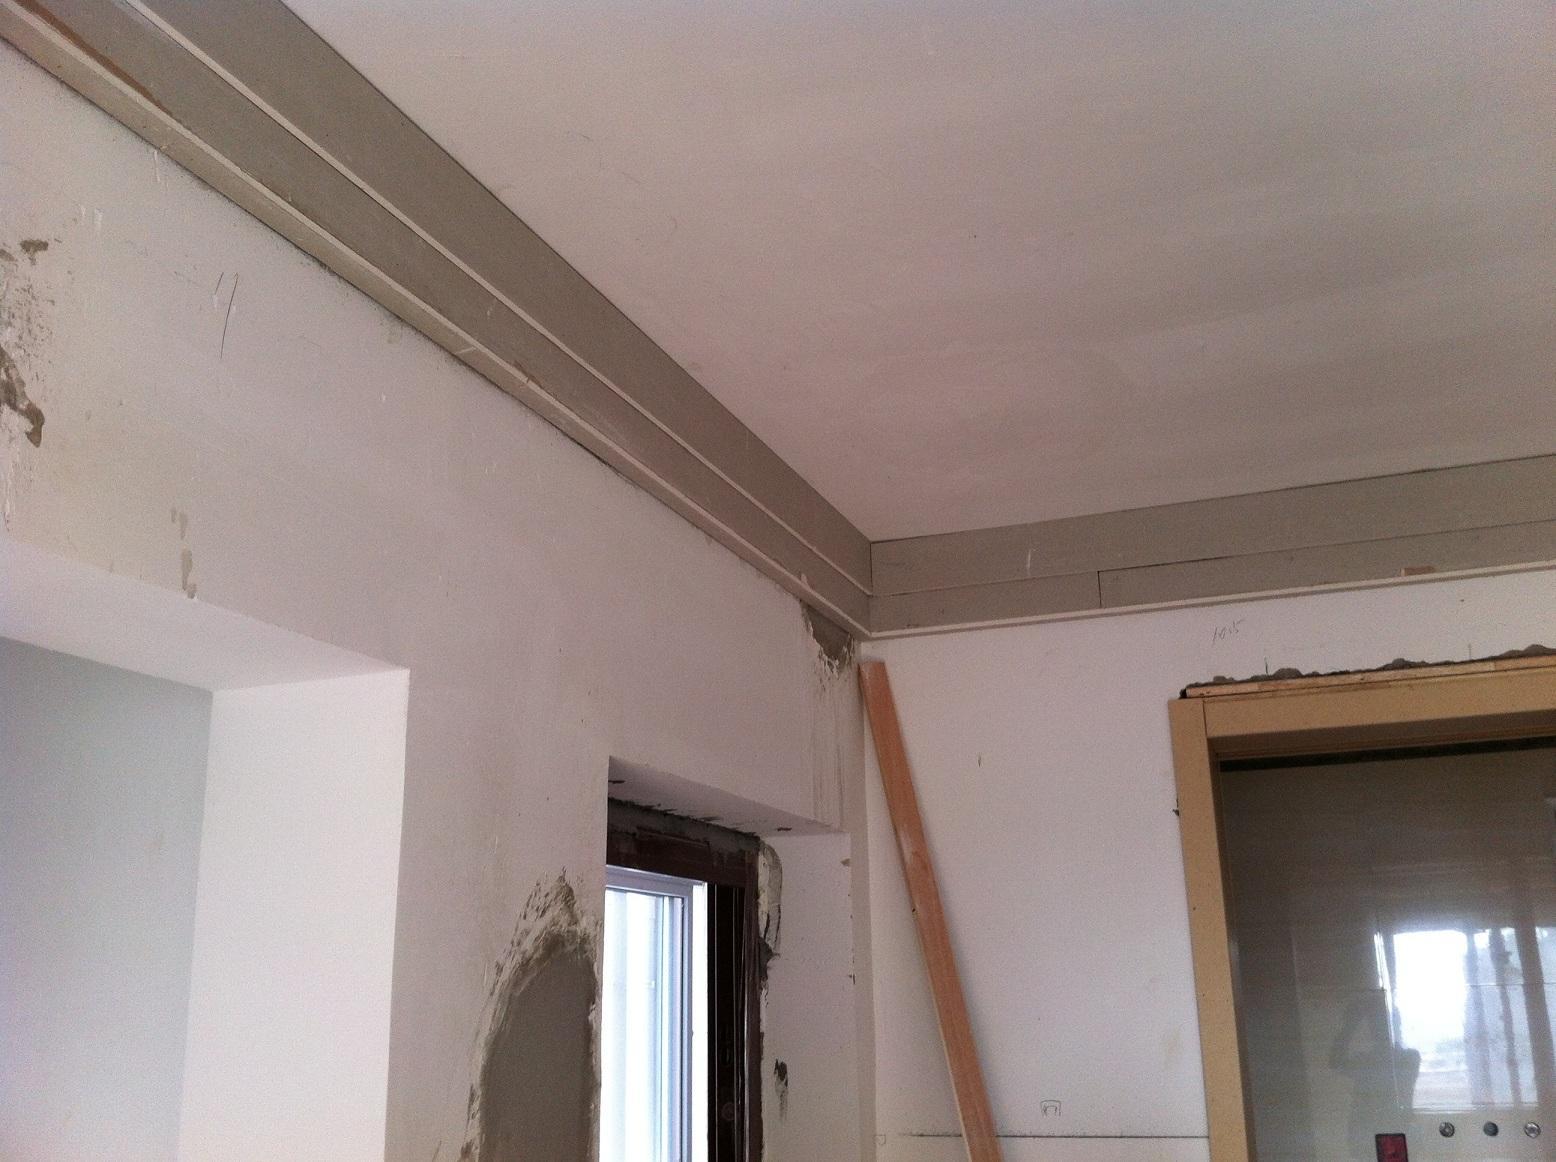 装修攻略 硬装 文章    如果觉得这样的吊顶单调,可以用石膏线条补充